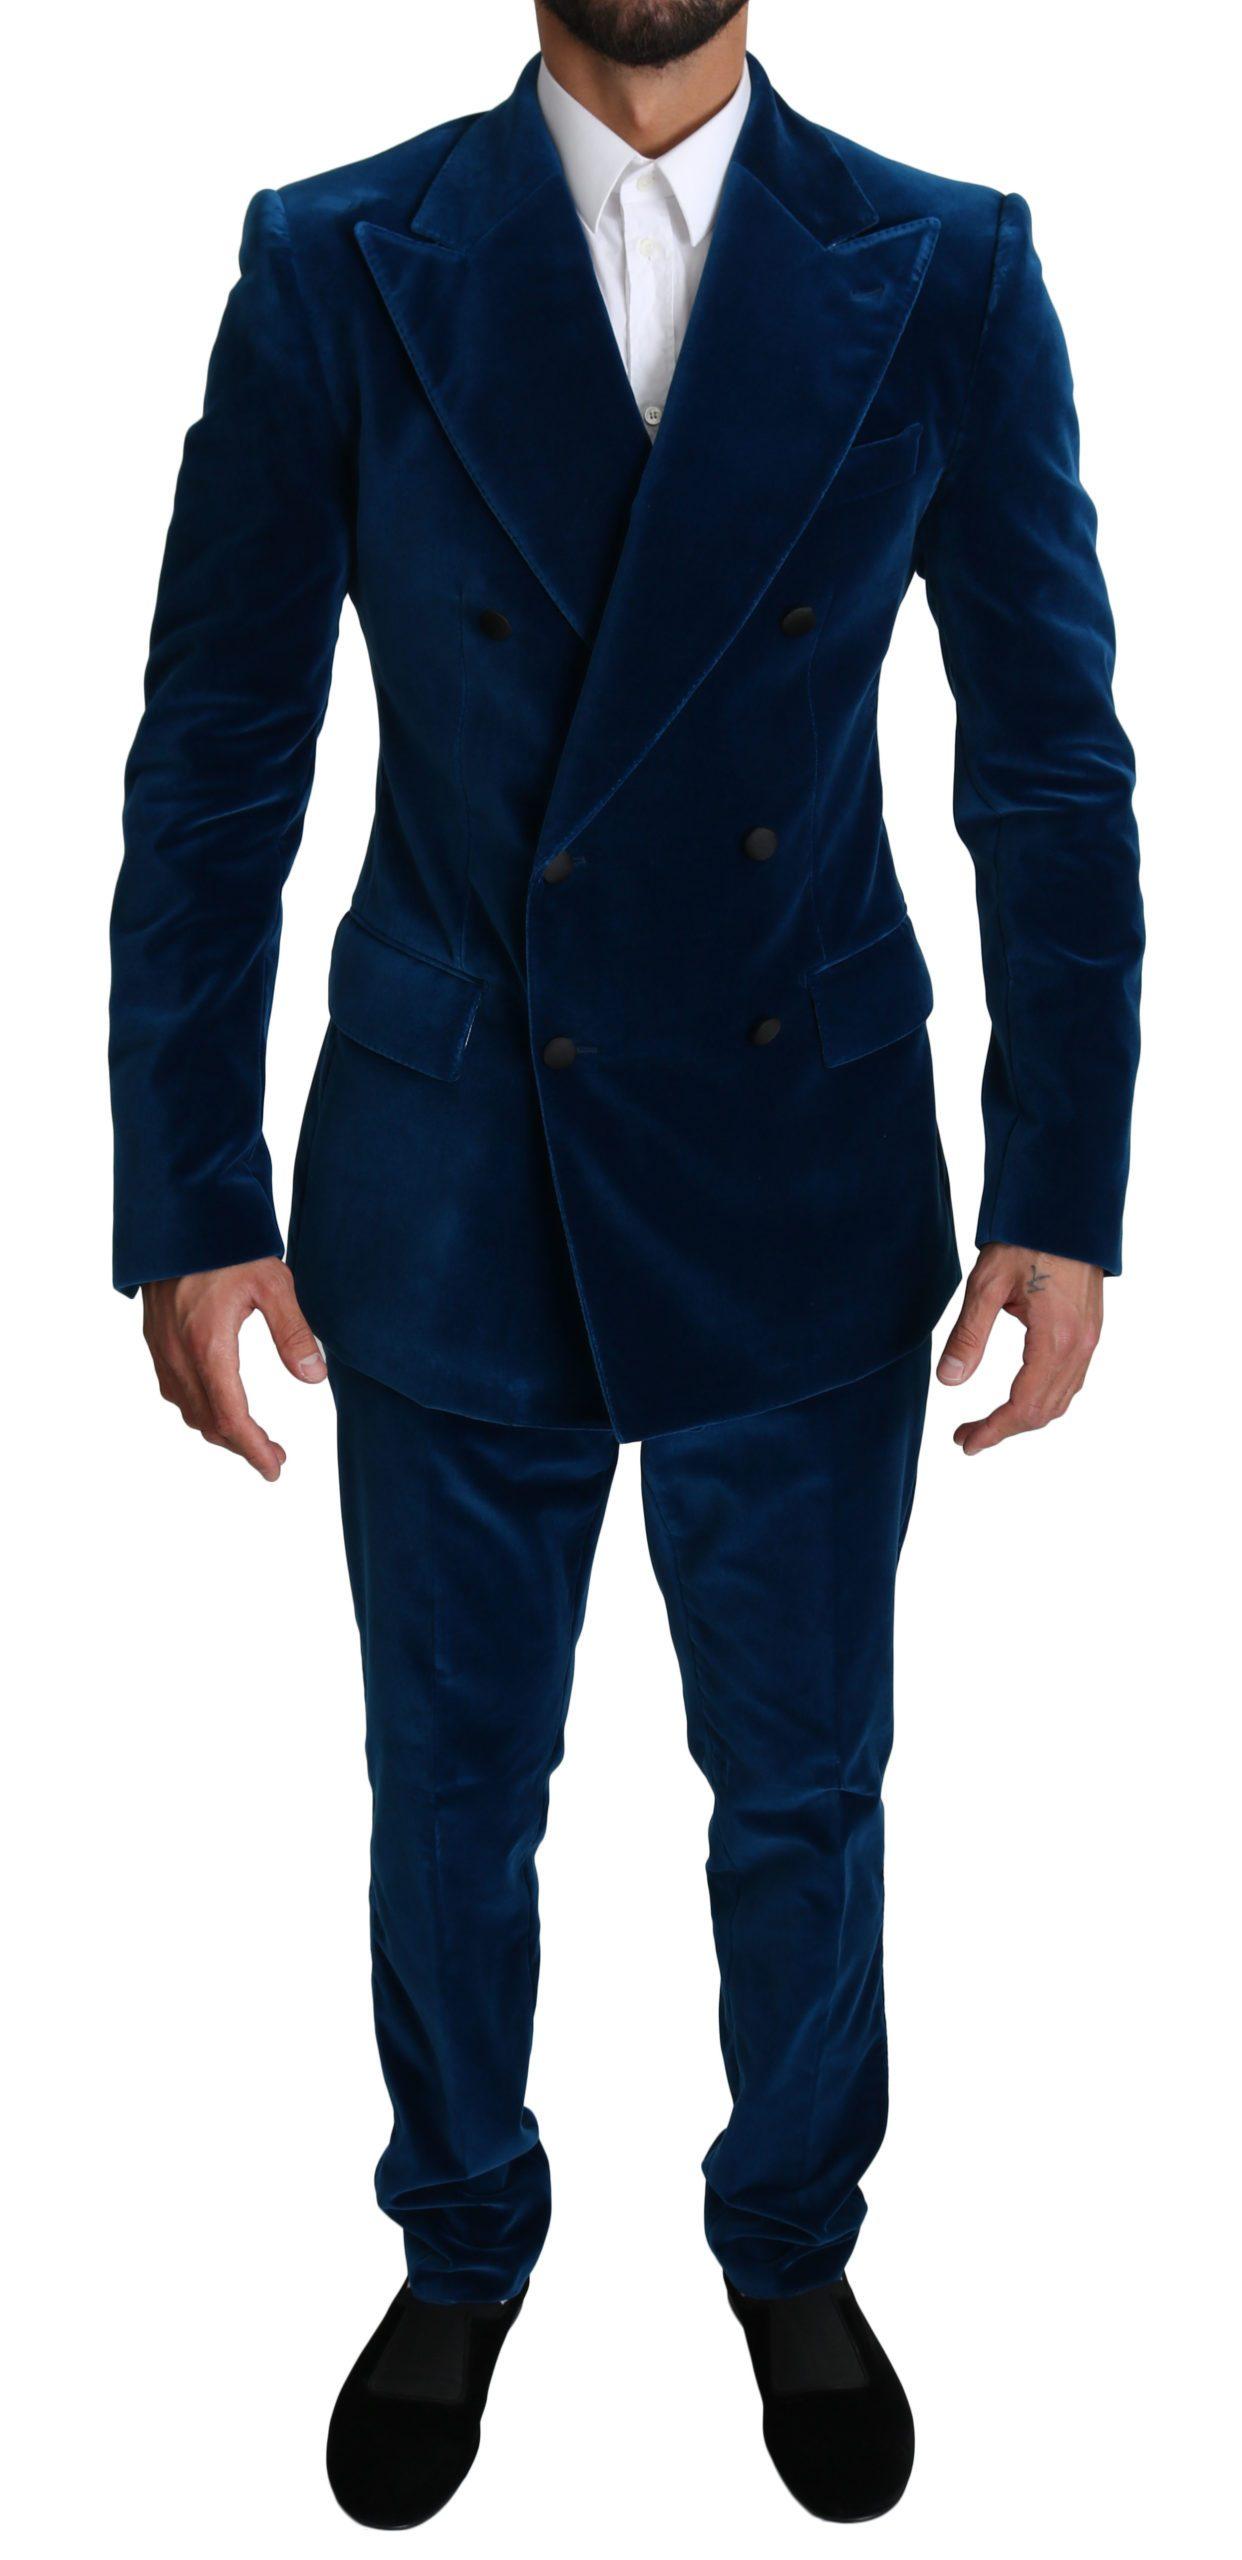 Dolce & Gabbana Men's Velvet Double Breasted 2 Piece Suit Blue KOS1520 - IT48 | M